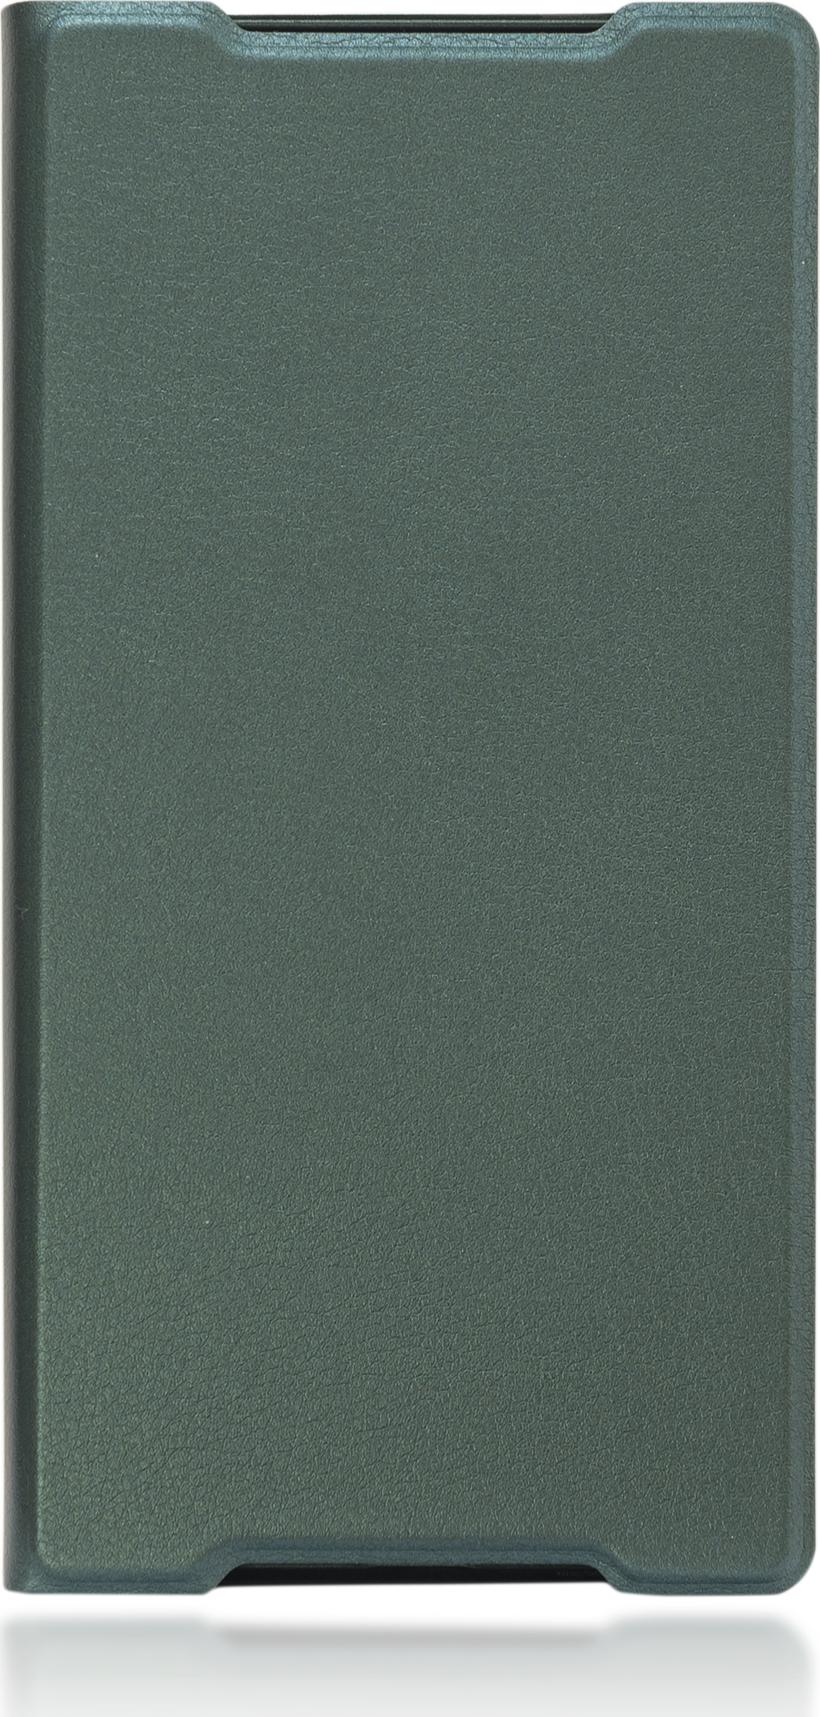 Чехол Brosco Book для Sony Xperia Z5, зеленый стоимость